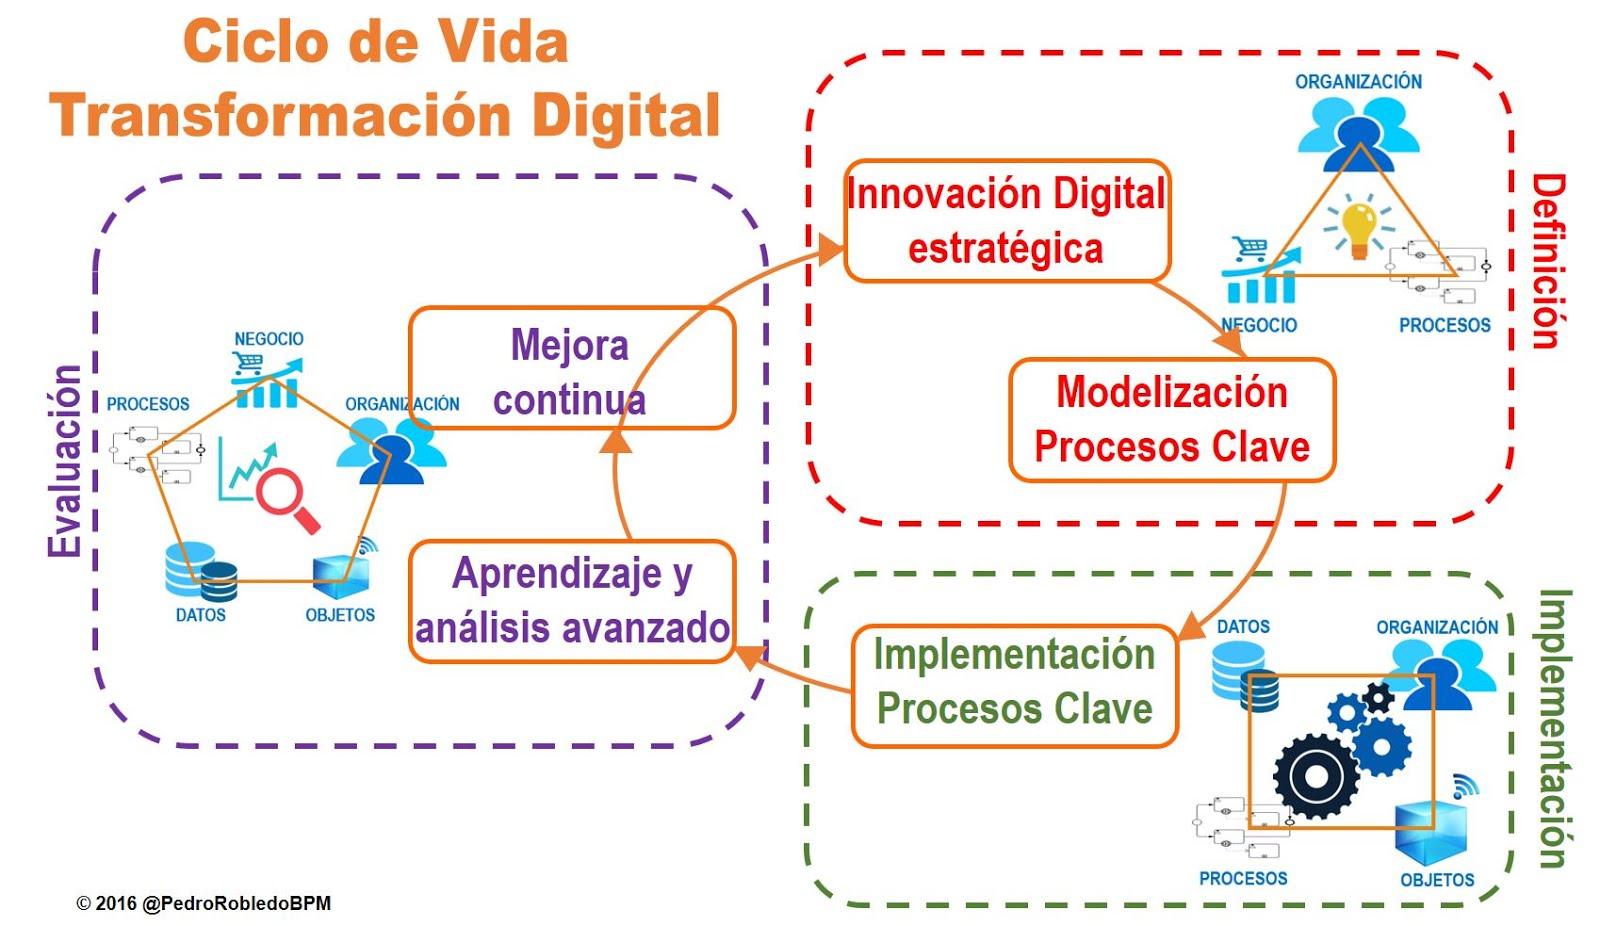 ARTÍCULO: Ciclo de Vida de la Transformación Digital